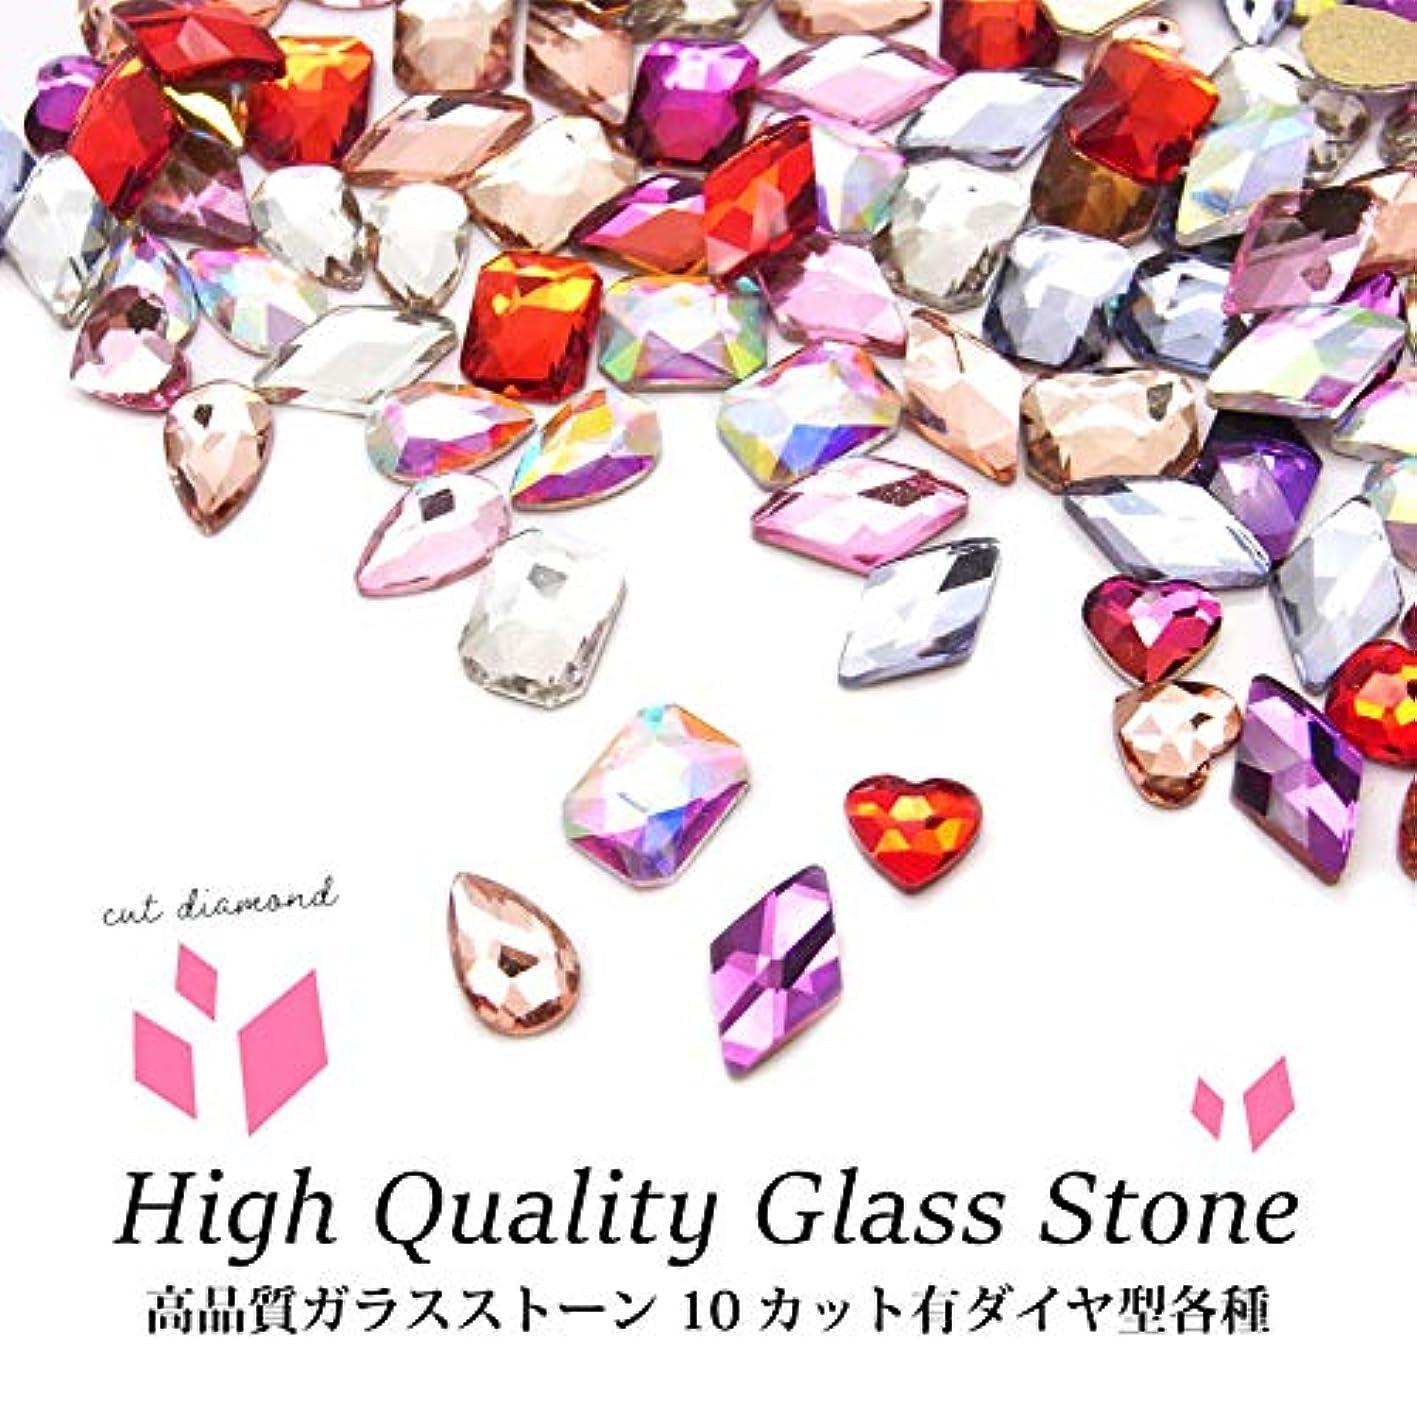 ギャング気がついて派生する高品質ガラスストーン 10 カット有ダイヤ型 各種 5個入り (2.クリスタルAB)